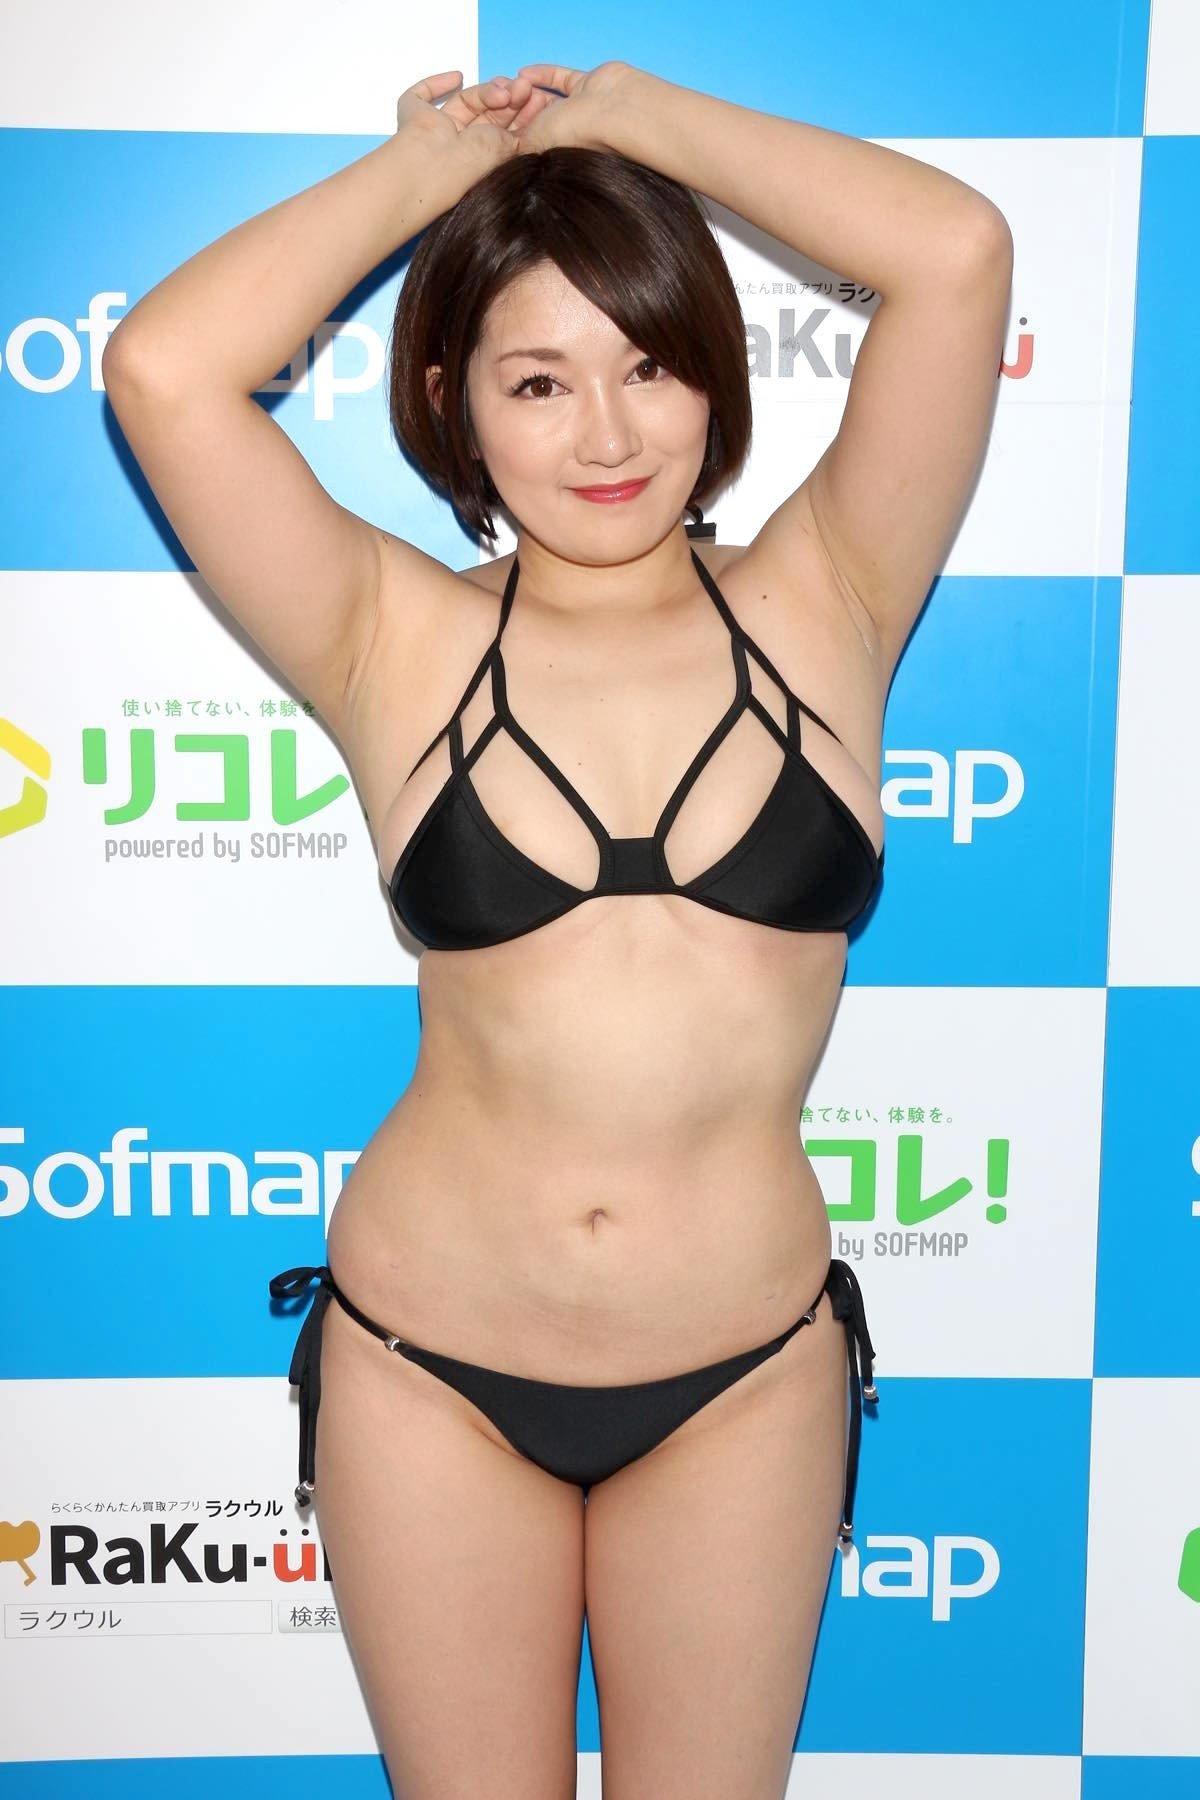 多田あさみ「赤い下着でイチャイチャ」お風呂で洗いっこにも挑戦!【画像39枚】の画像013